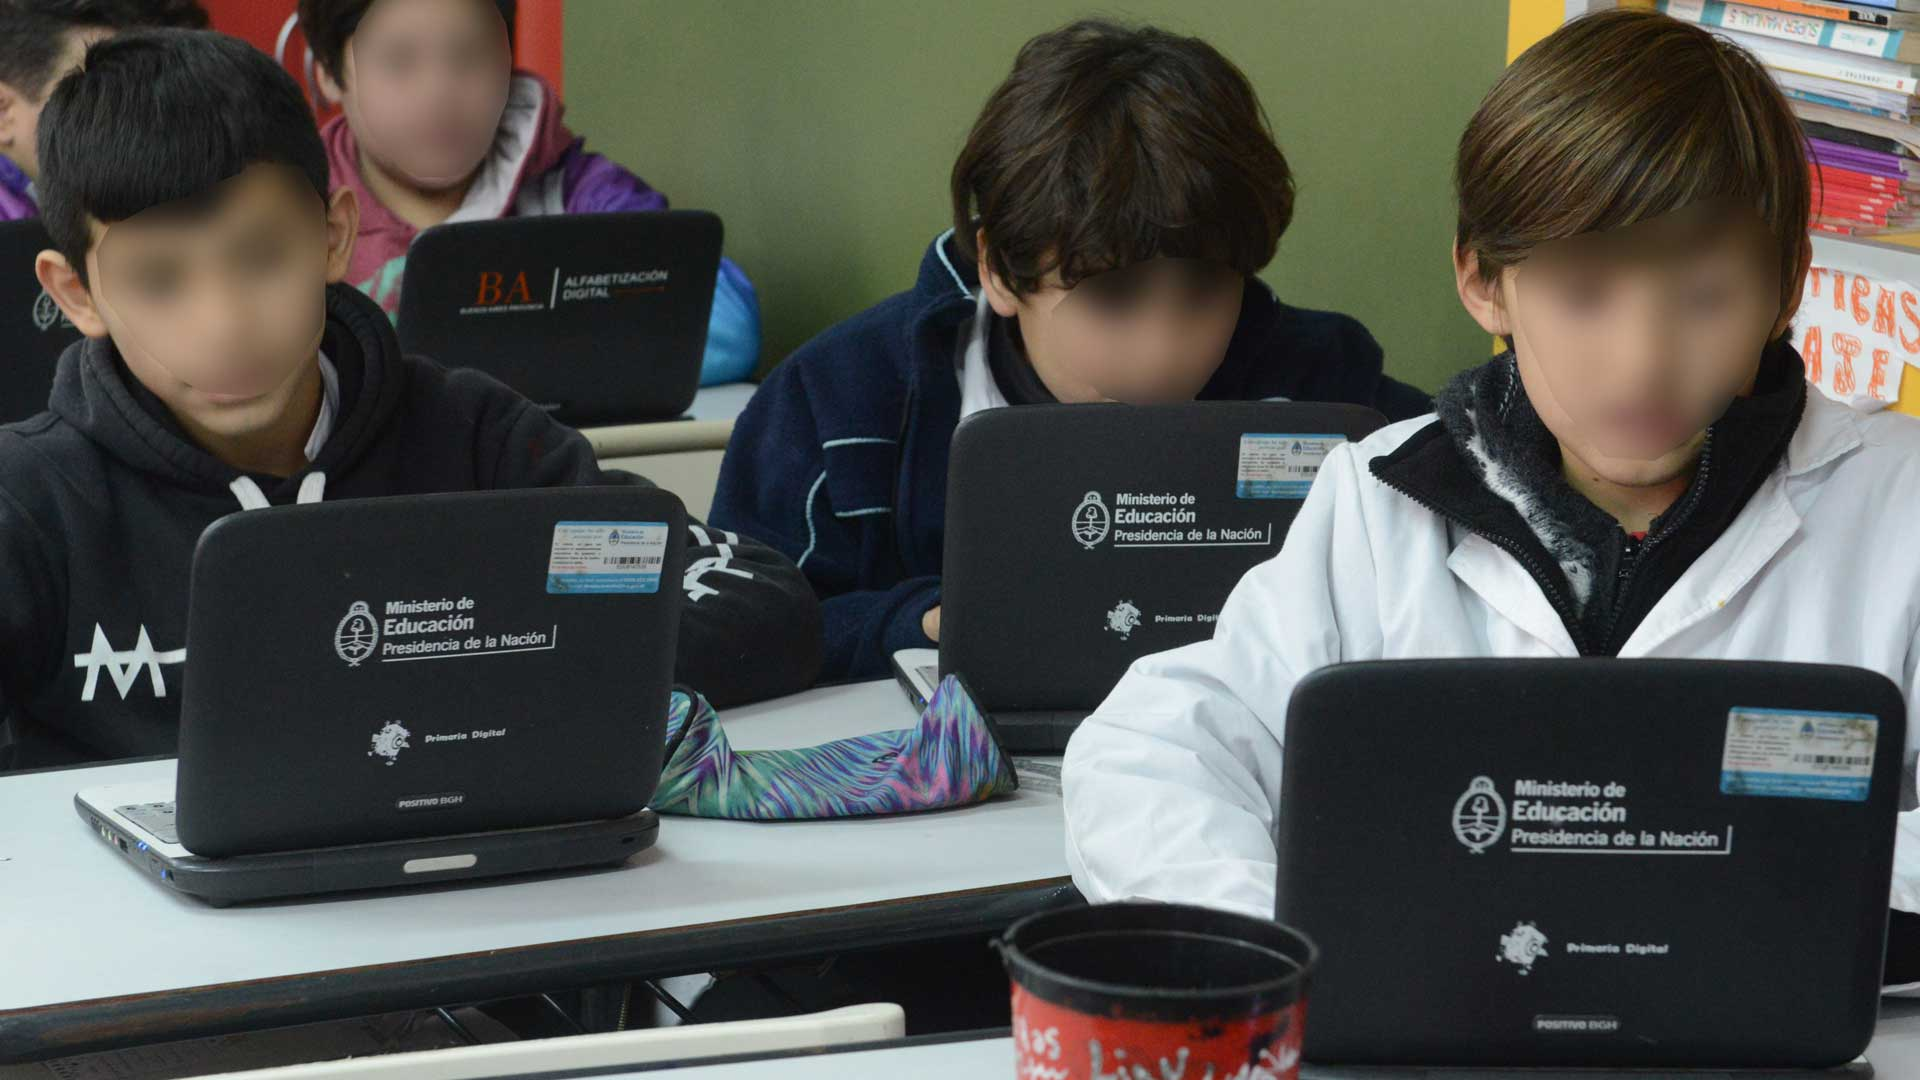 #DEF-Educacion-Computadoras-Interior-III